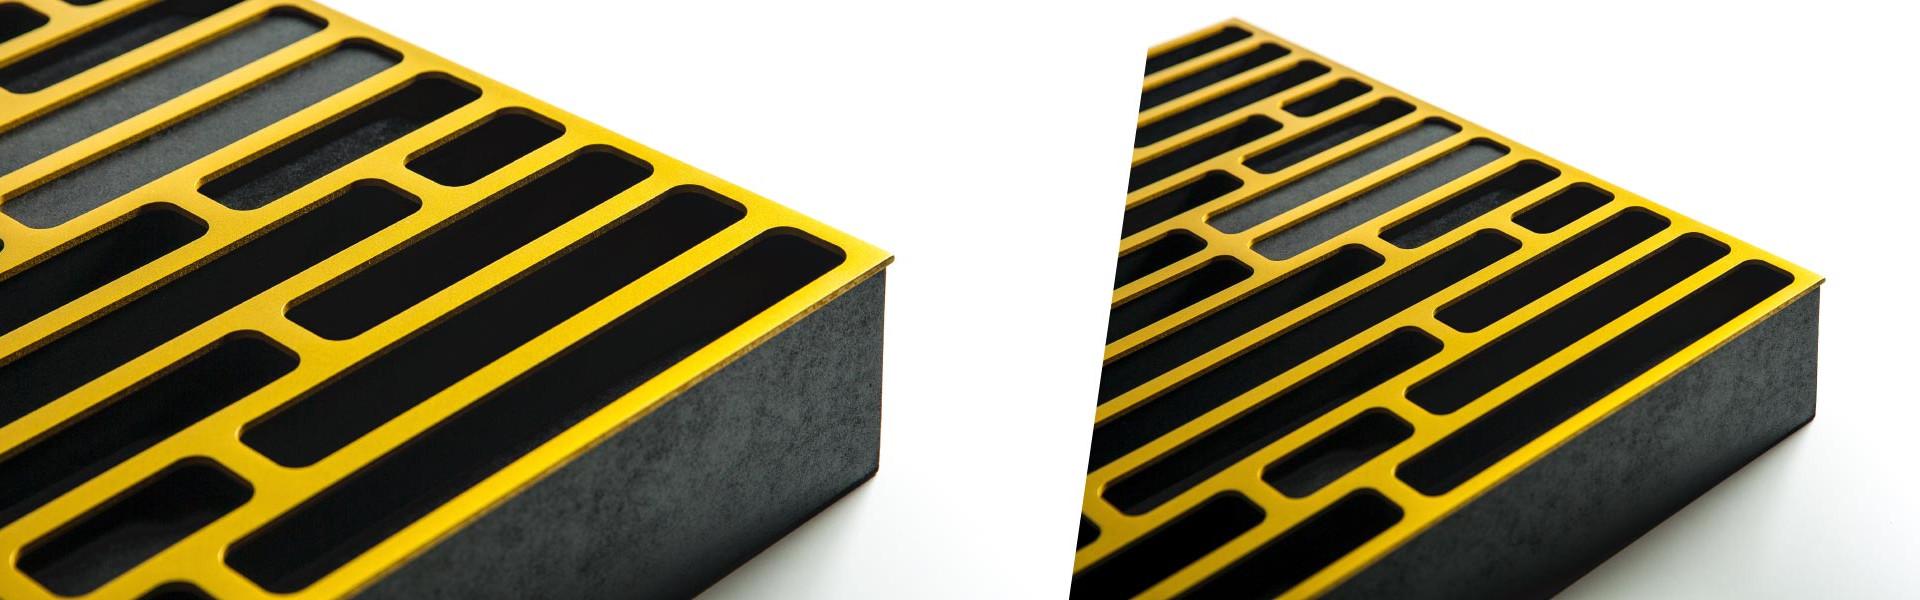 artnovion-product-lugano-w-diffuser-ae99